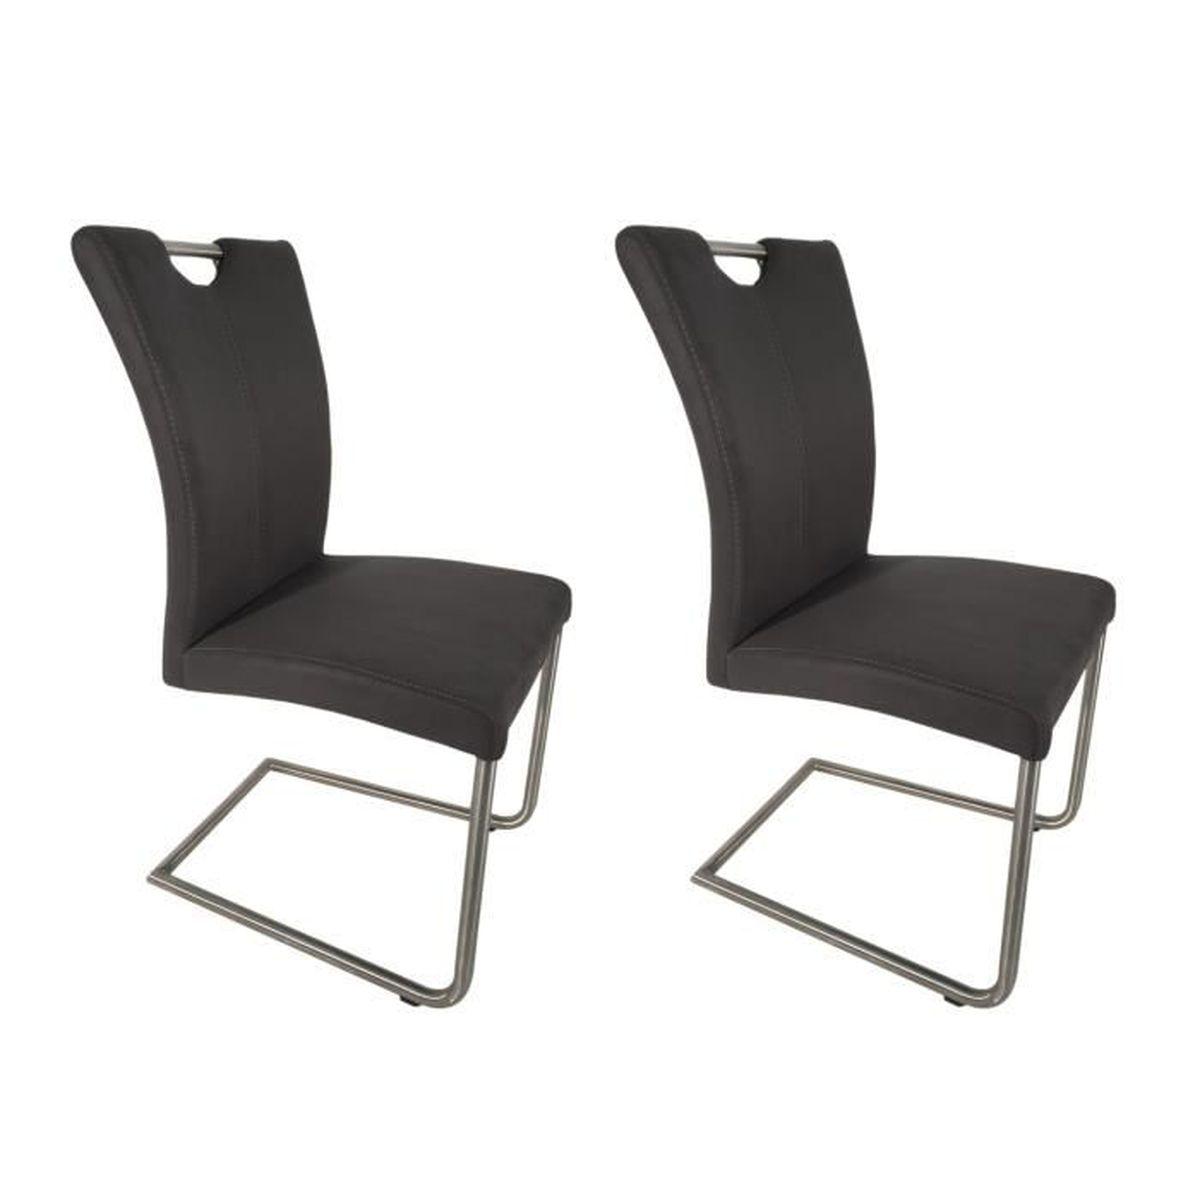 2 chaises Salle à manger - gris anthracite aspect daim